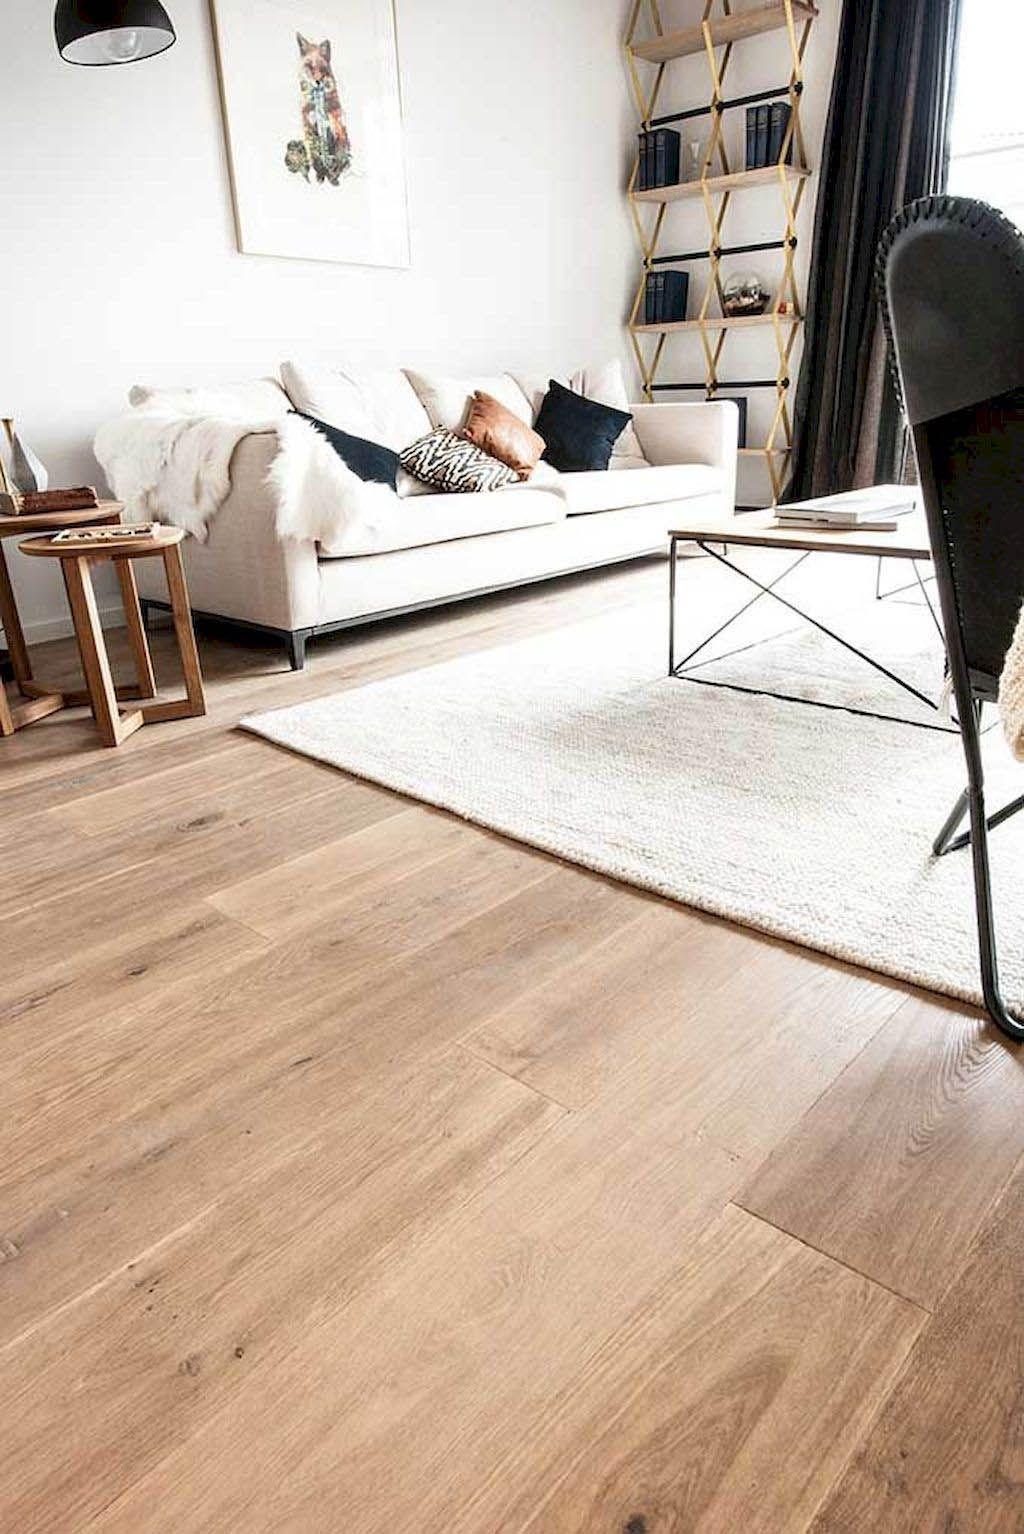 floor tile design ideas porcelain tile flooring flooring wooden rh pinterest com